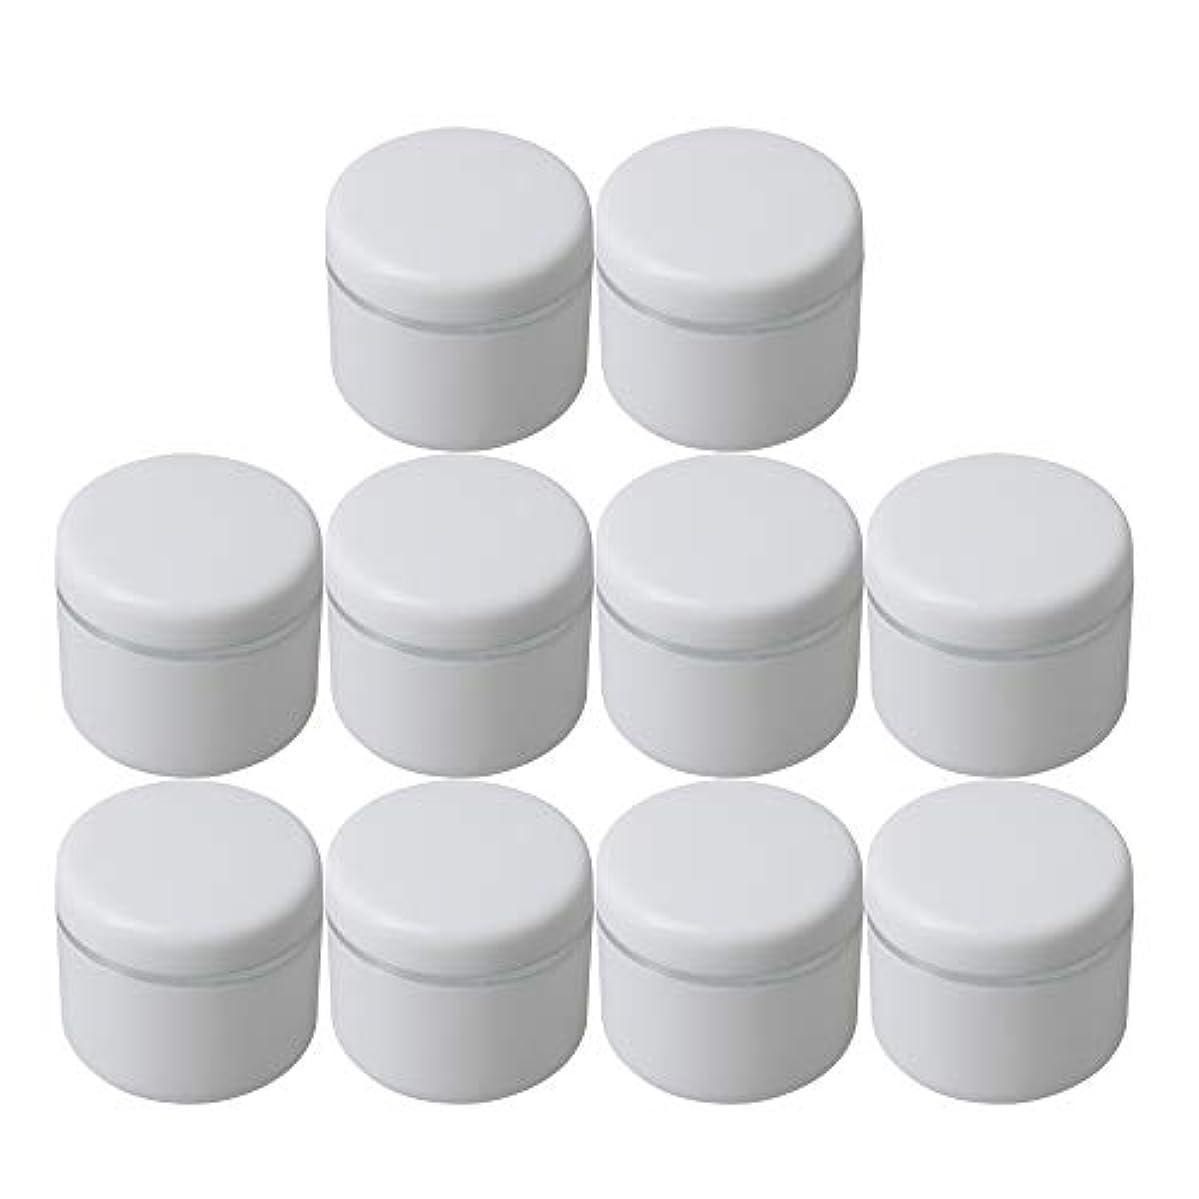 円周弱める電化するDiystyle 10個入 クリームケース 空ポット 空容器 化粧品用 30g 詰替え ホワイト